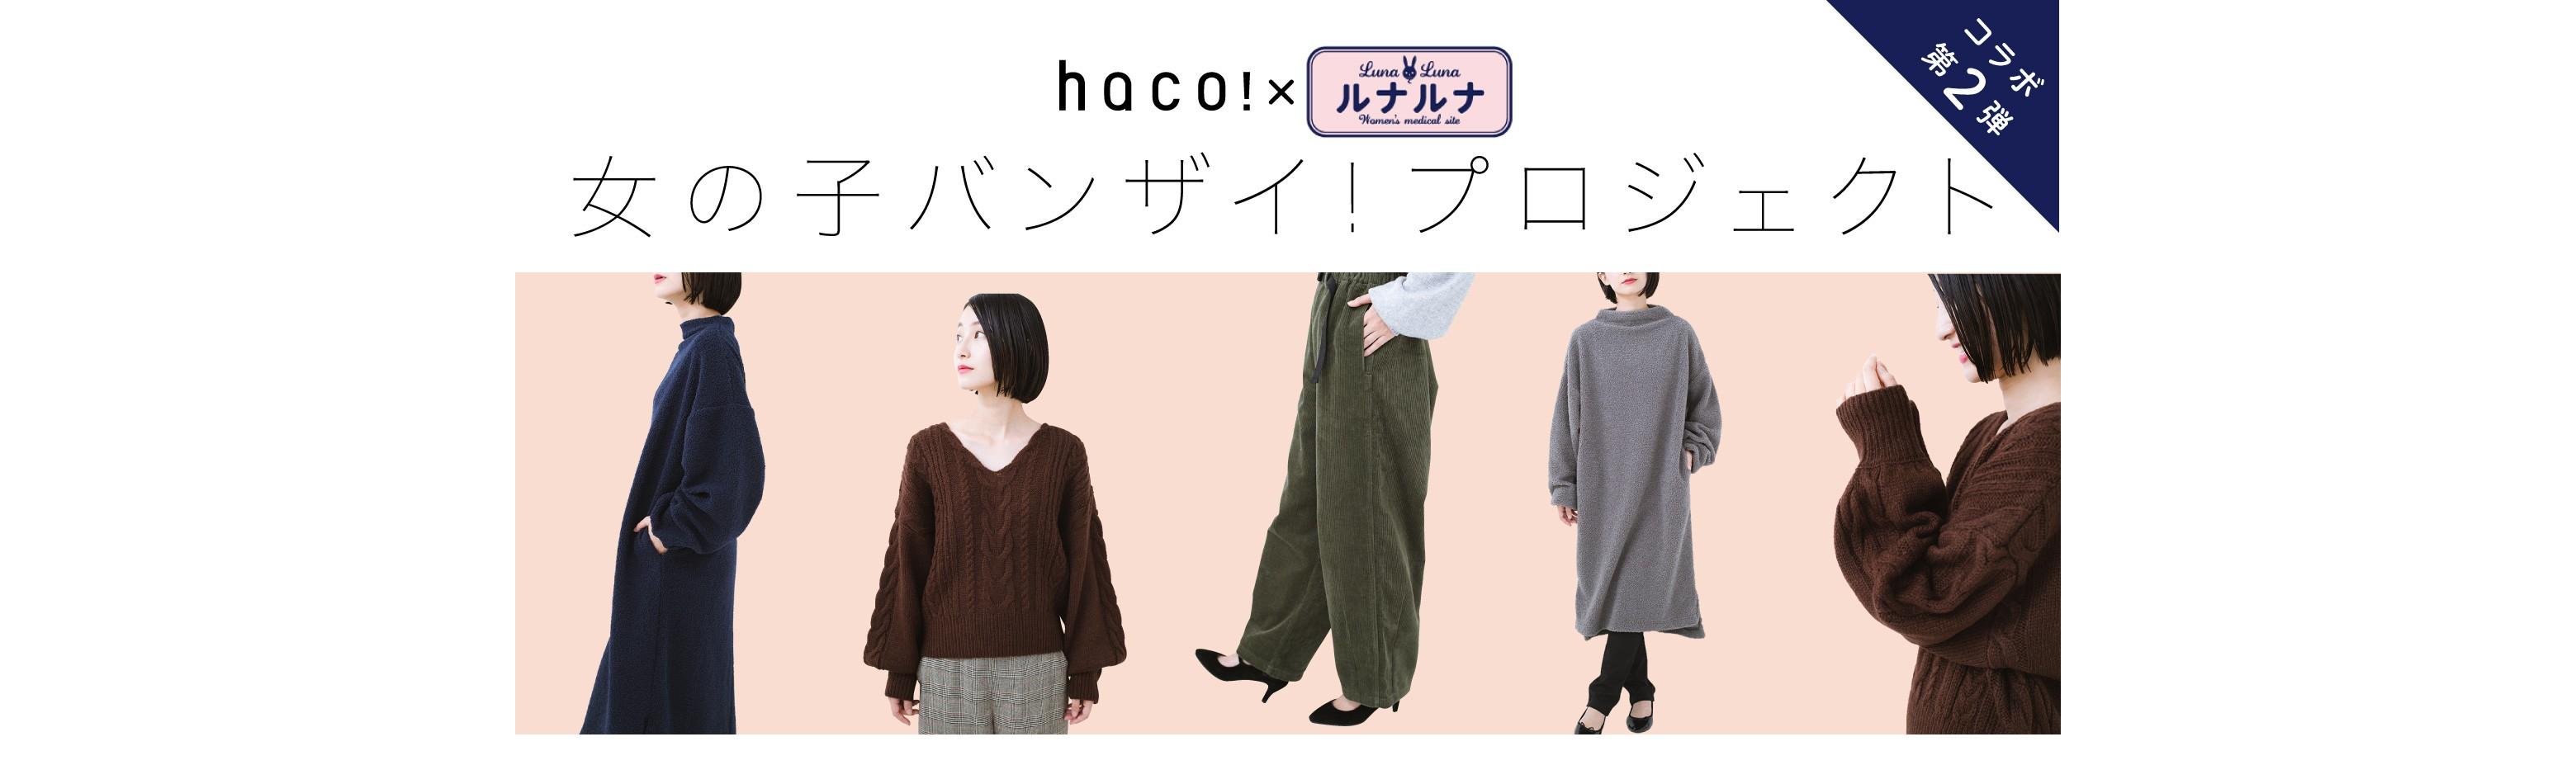 haco!✕ルナルナ まったり~もやもや期に寄り添うお洋服